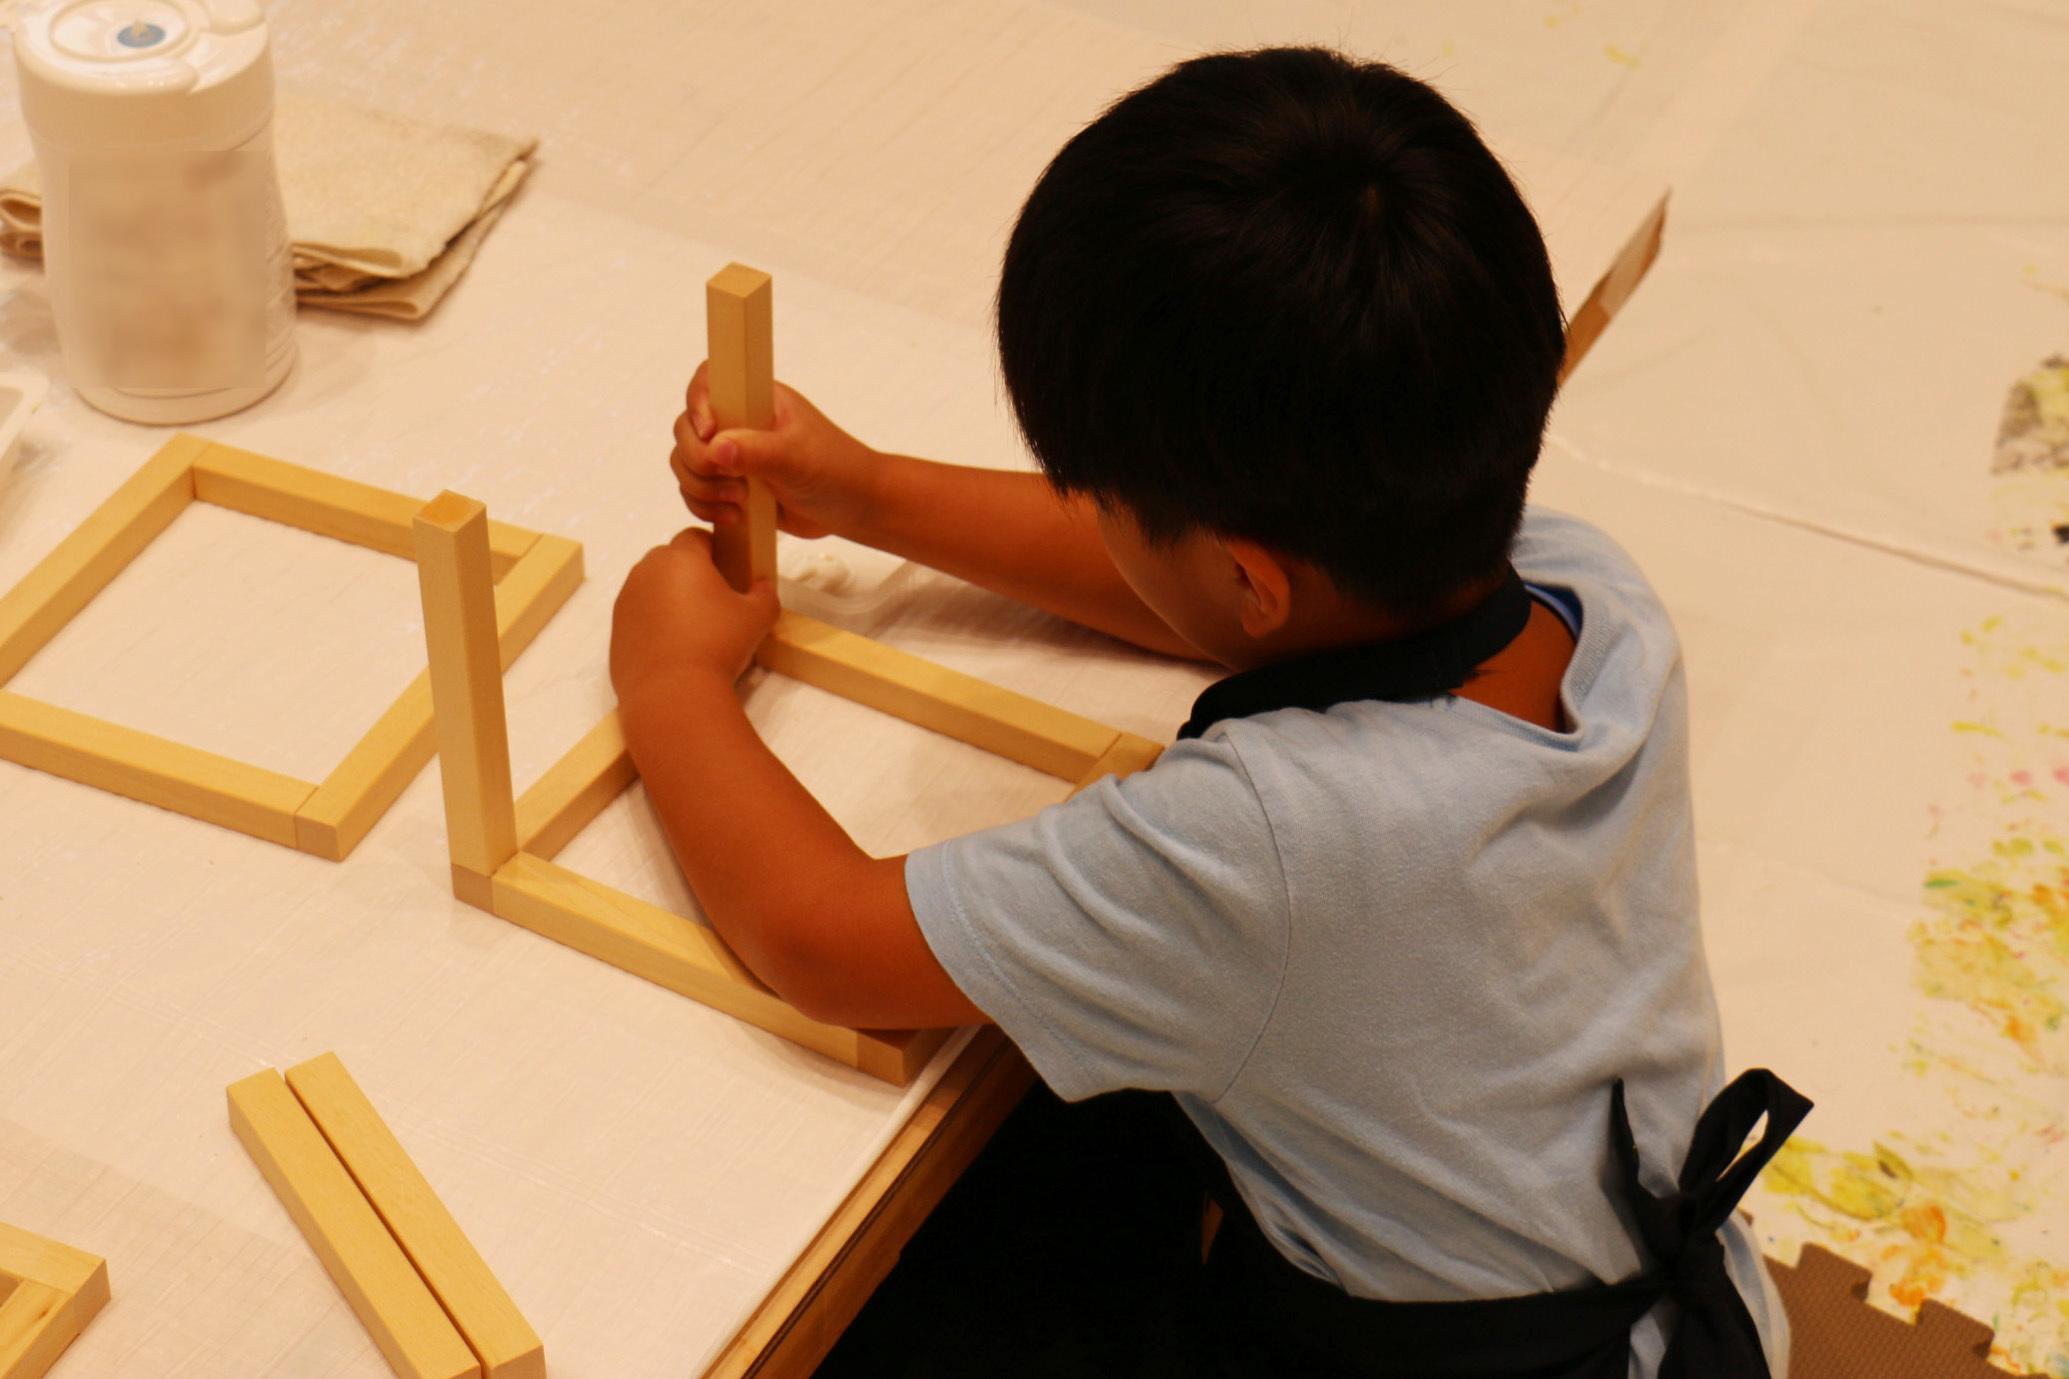 ワークショップ「立体造形に挑戦」を開催しました_c0222139_16101811.jpg